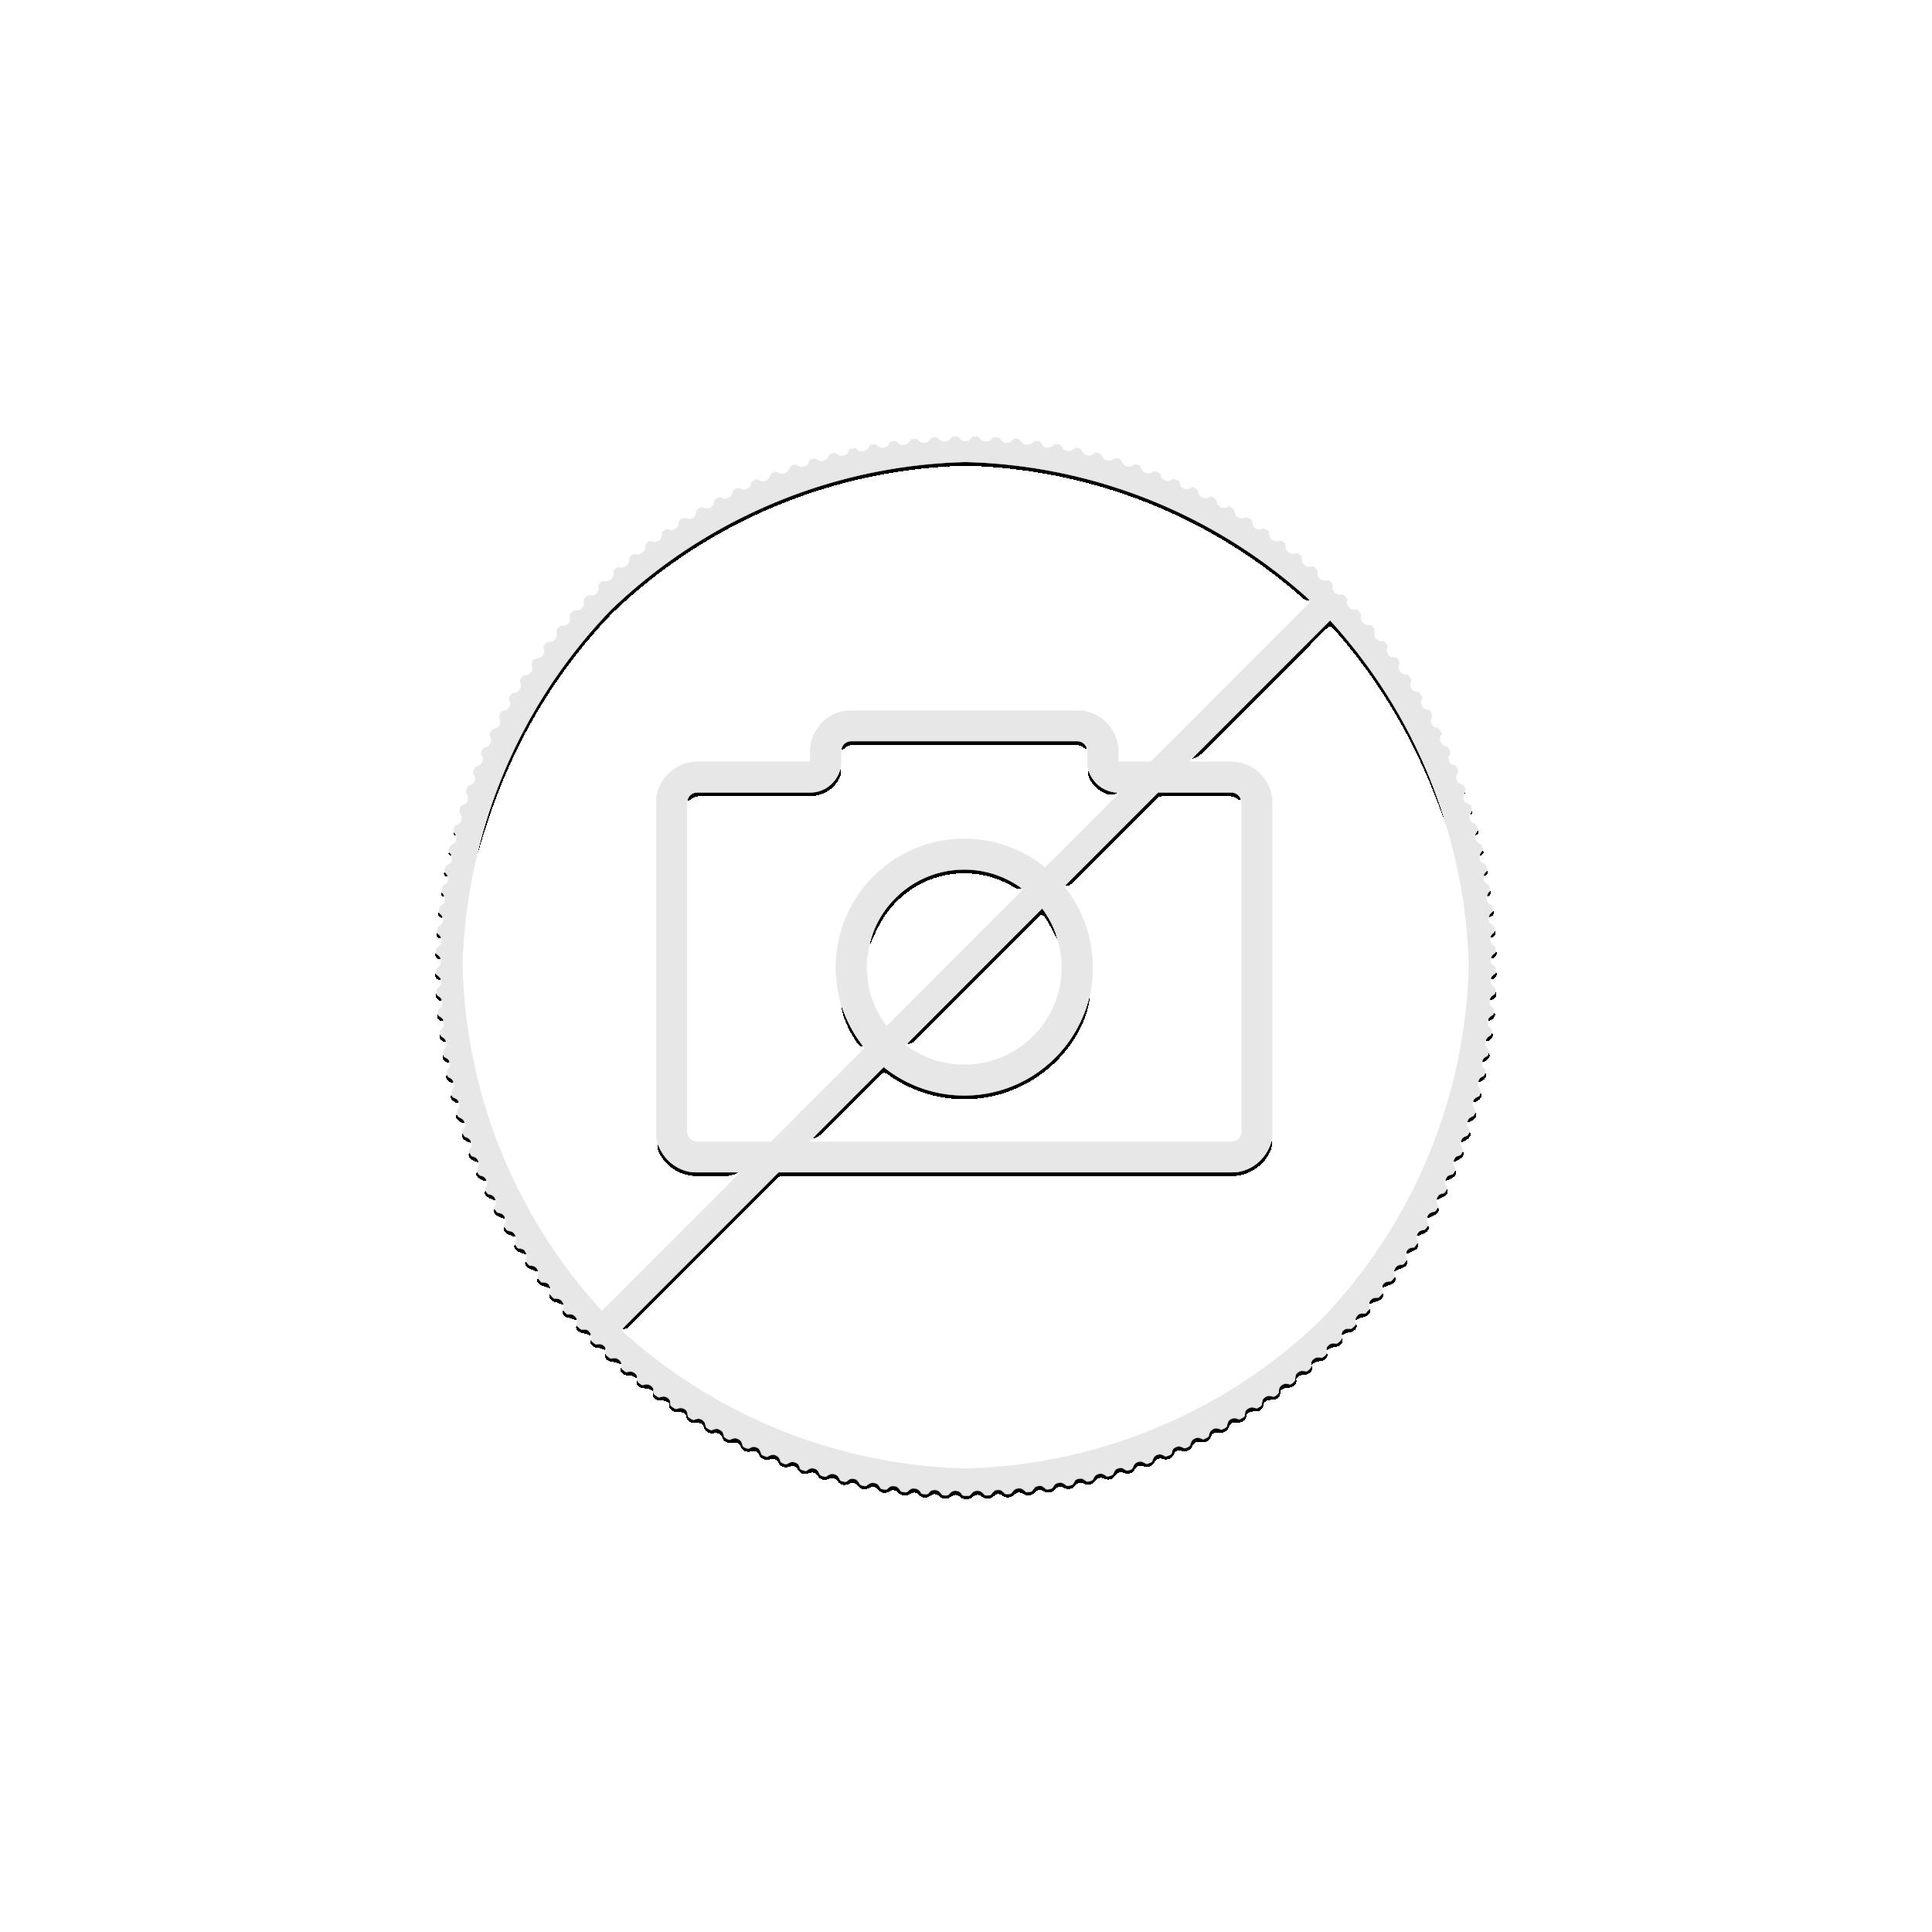 5 troy ounce zilveren munt Goddelijke komedie 2021